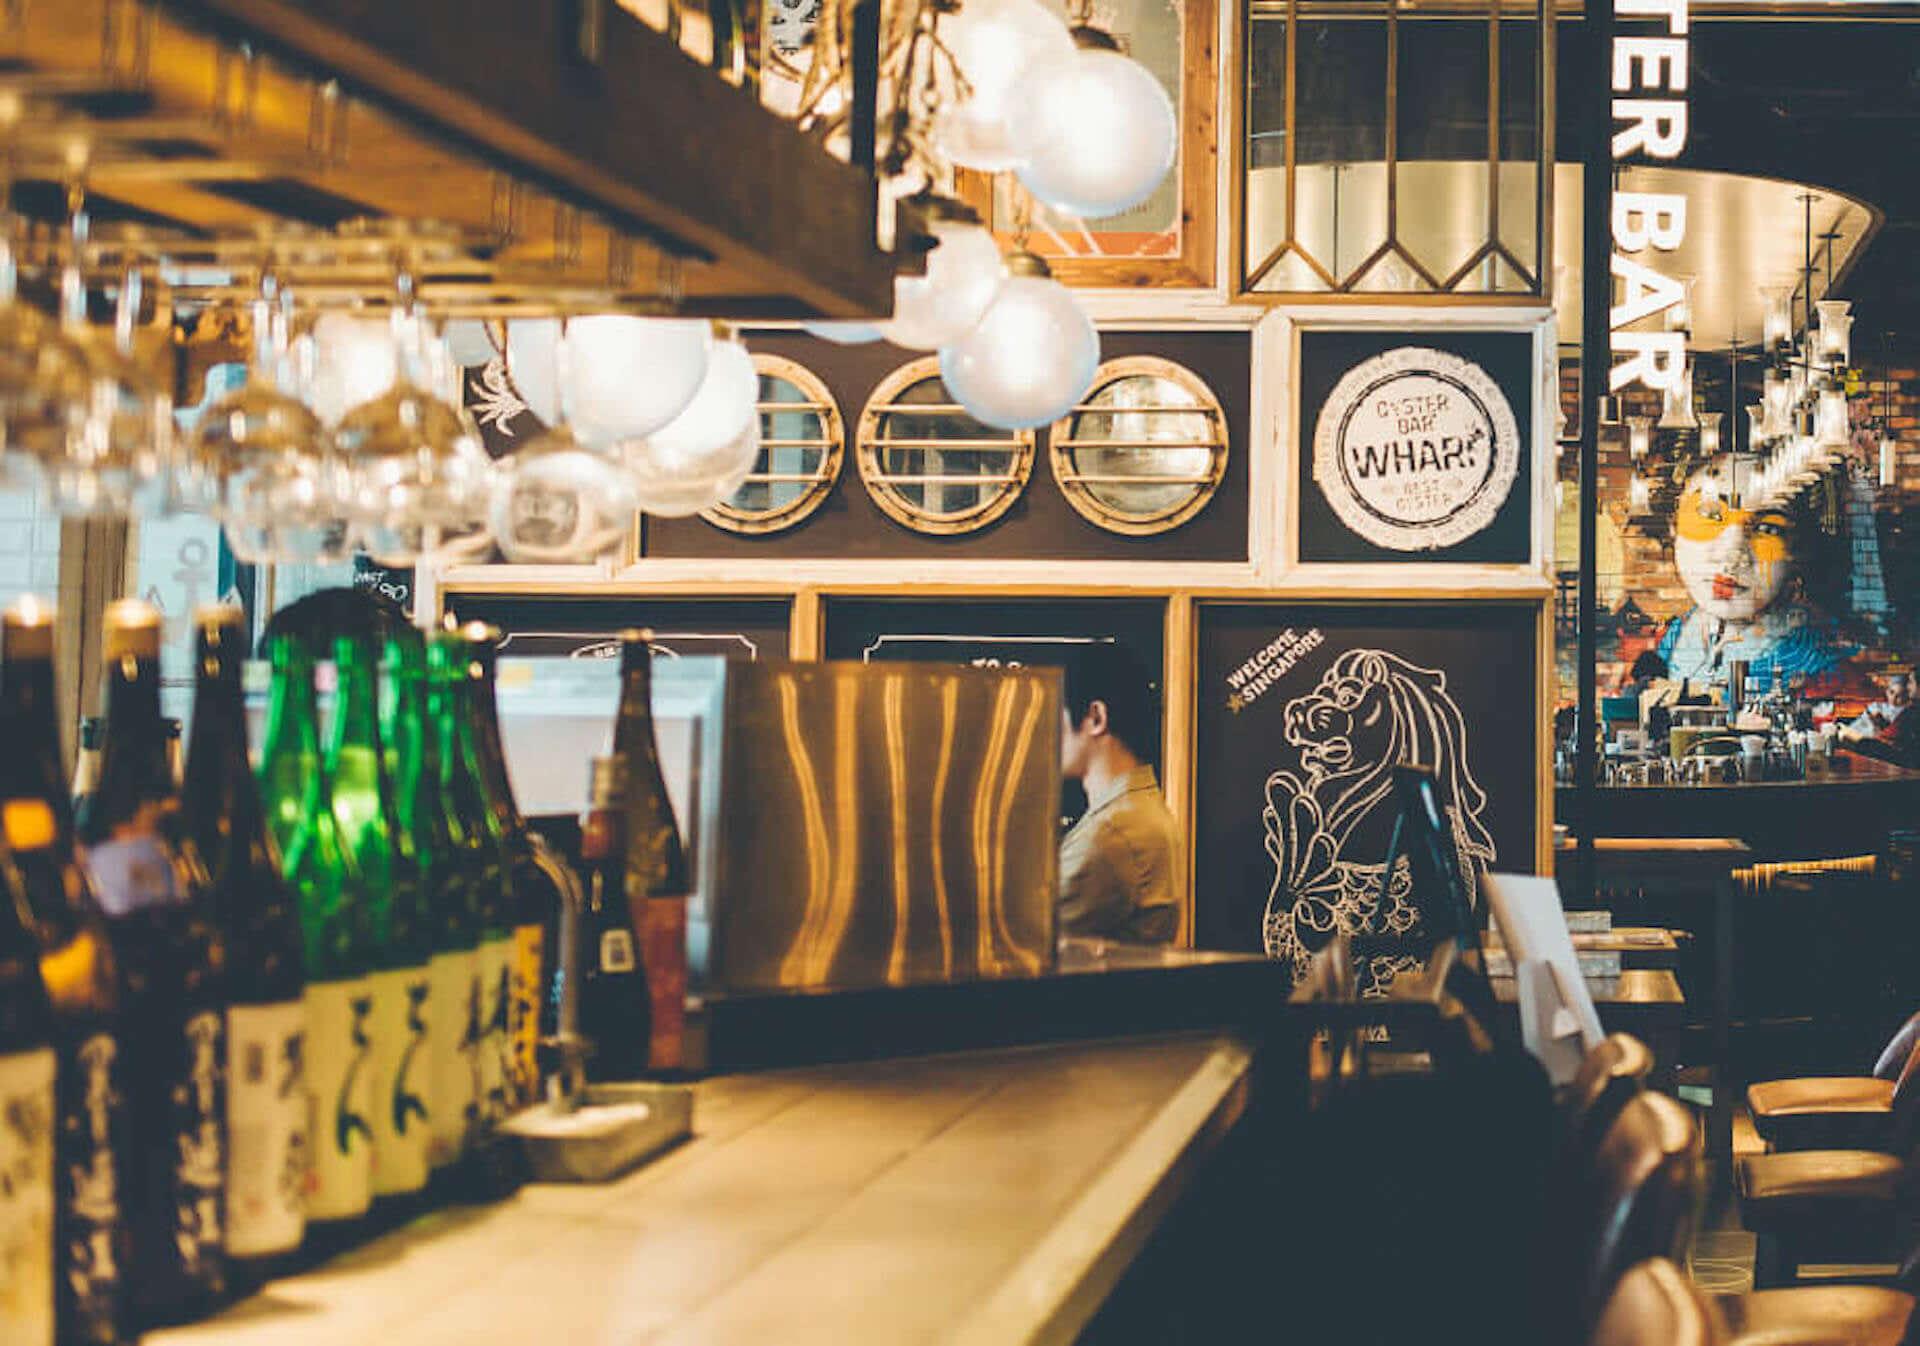 北海道・知内産の生牡蠣を使用した日本初の『生牡蠣フライ』が新宿ワーフで新発売!今月は特別価格で提供 gourmet200818_oyster-bar-wharf_2-1920x1346